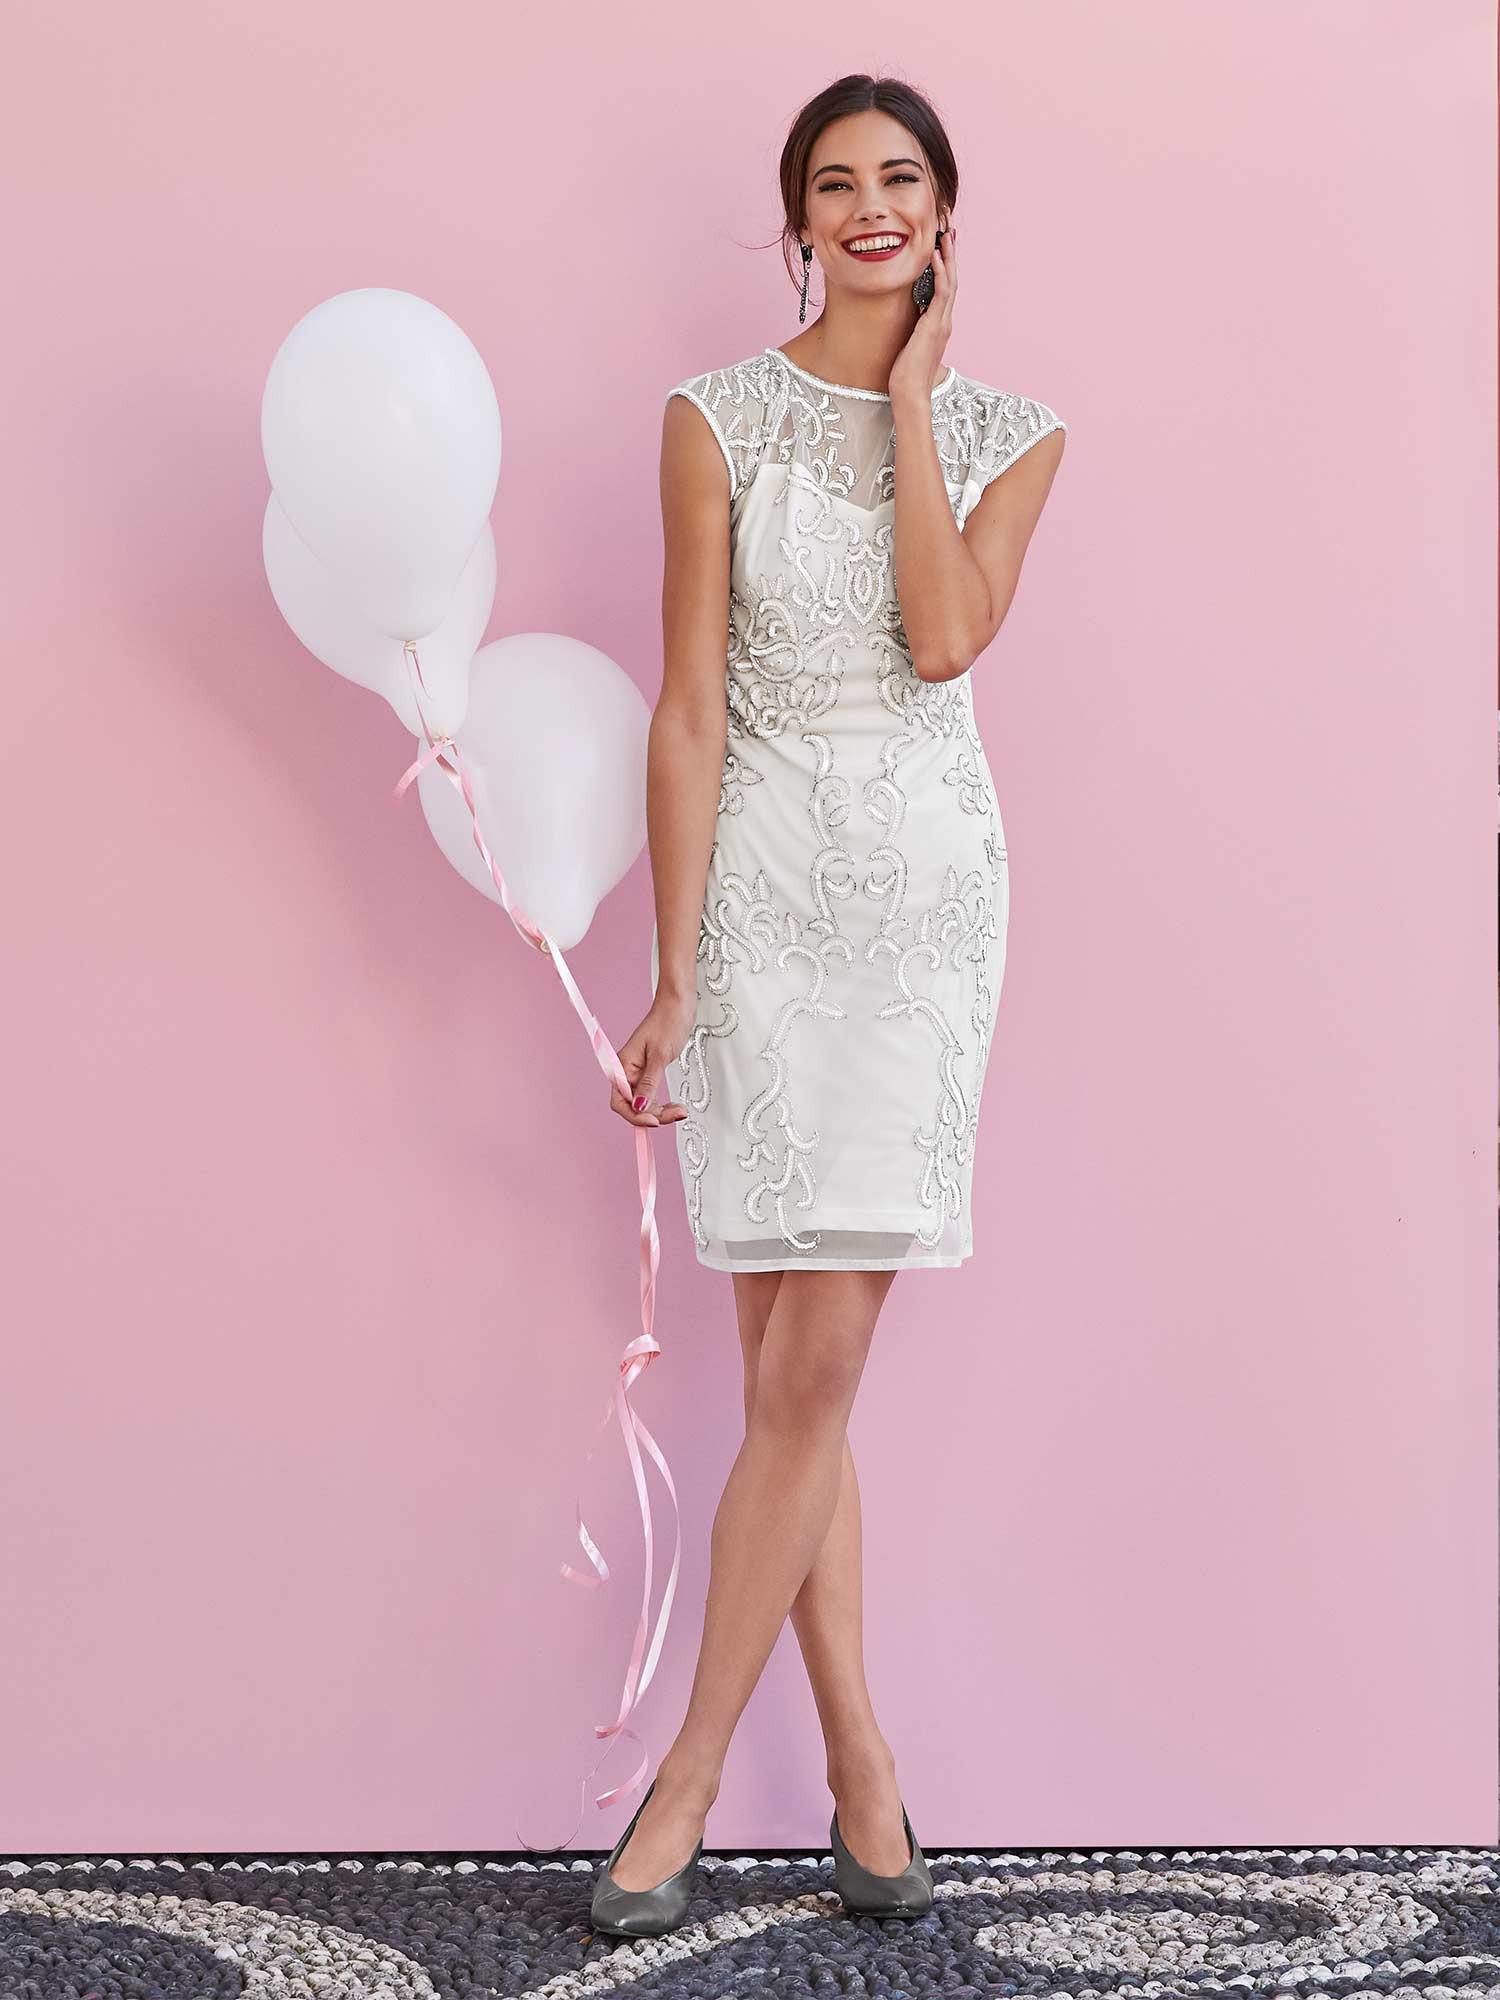 10 Leicht Schickes Kleid Für Hochzeit Galerie Elegant Schickes Kleid Für Hochzeit Vertrieb